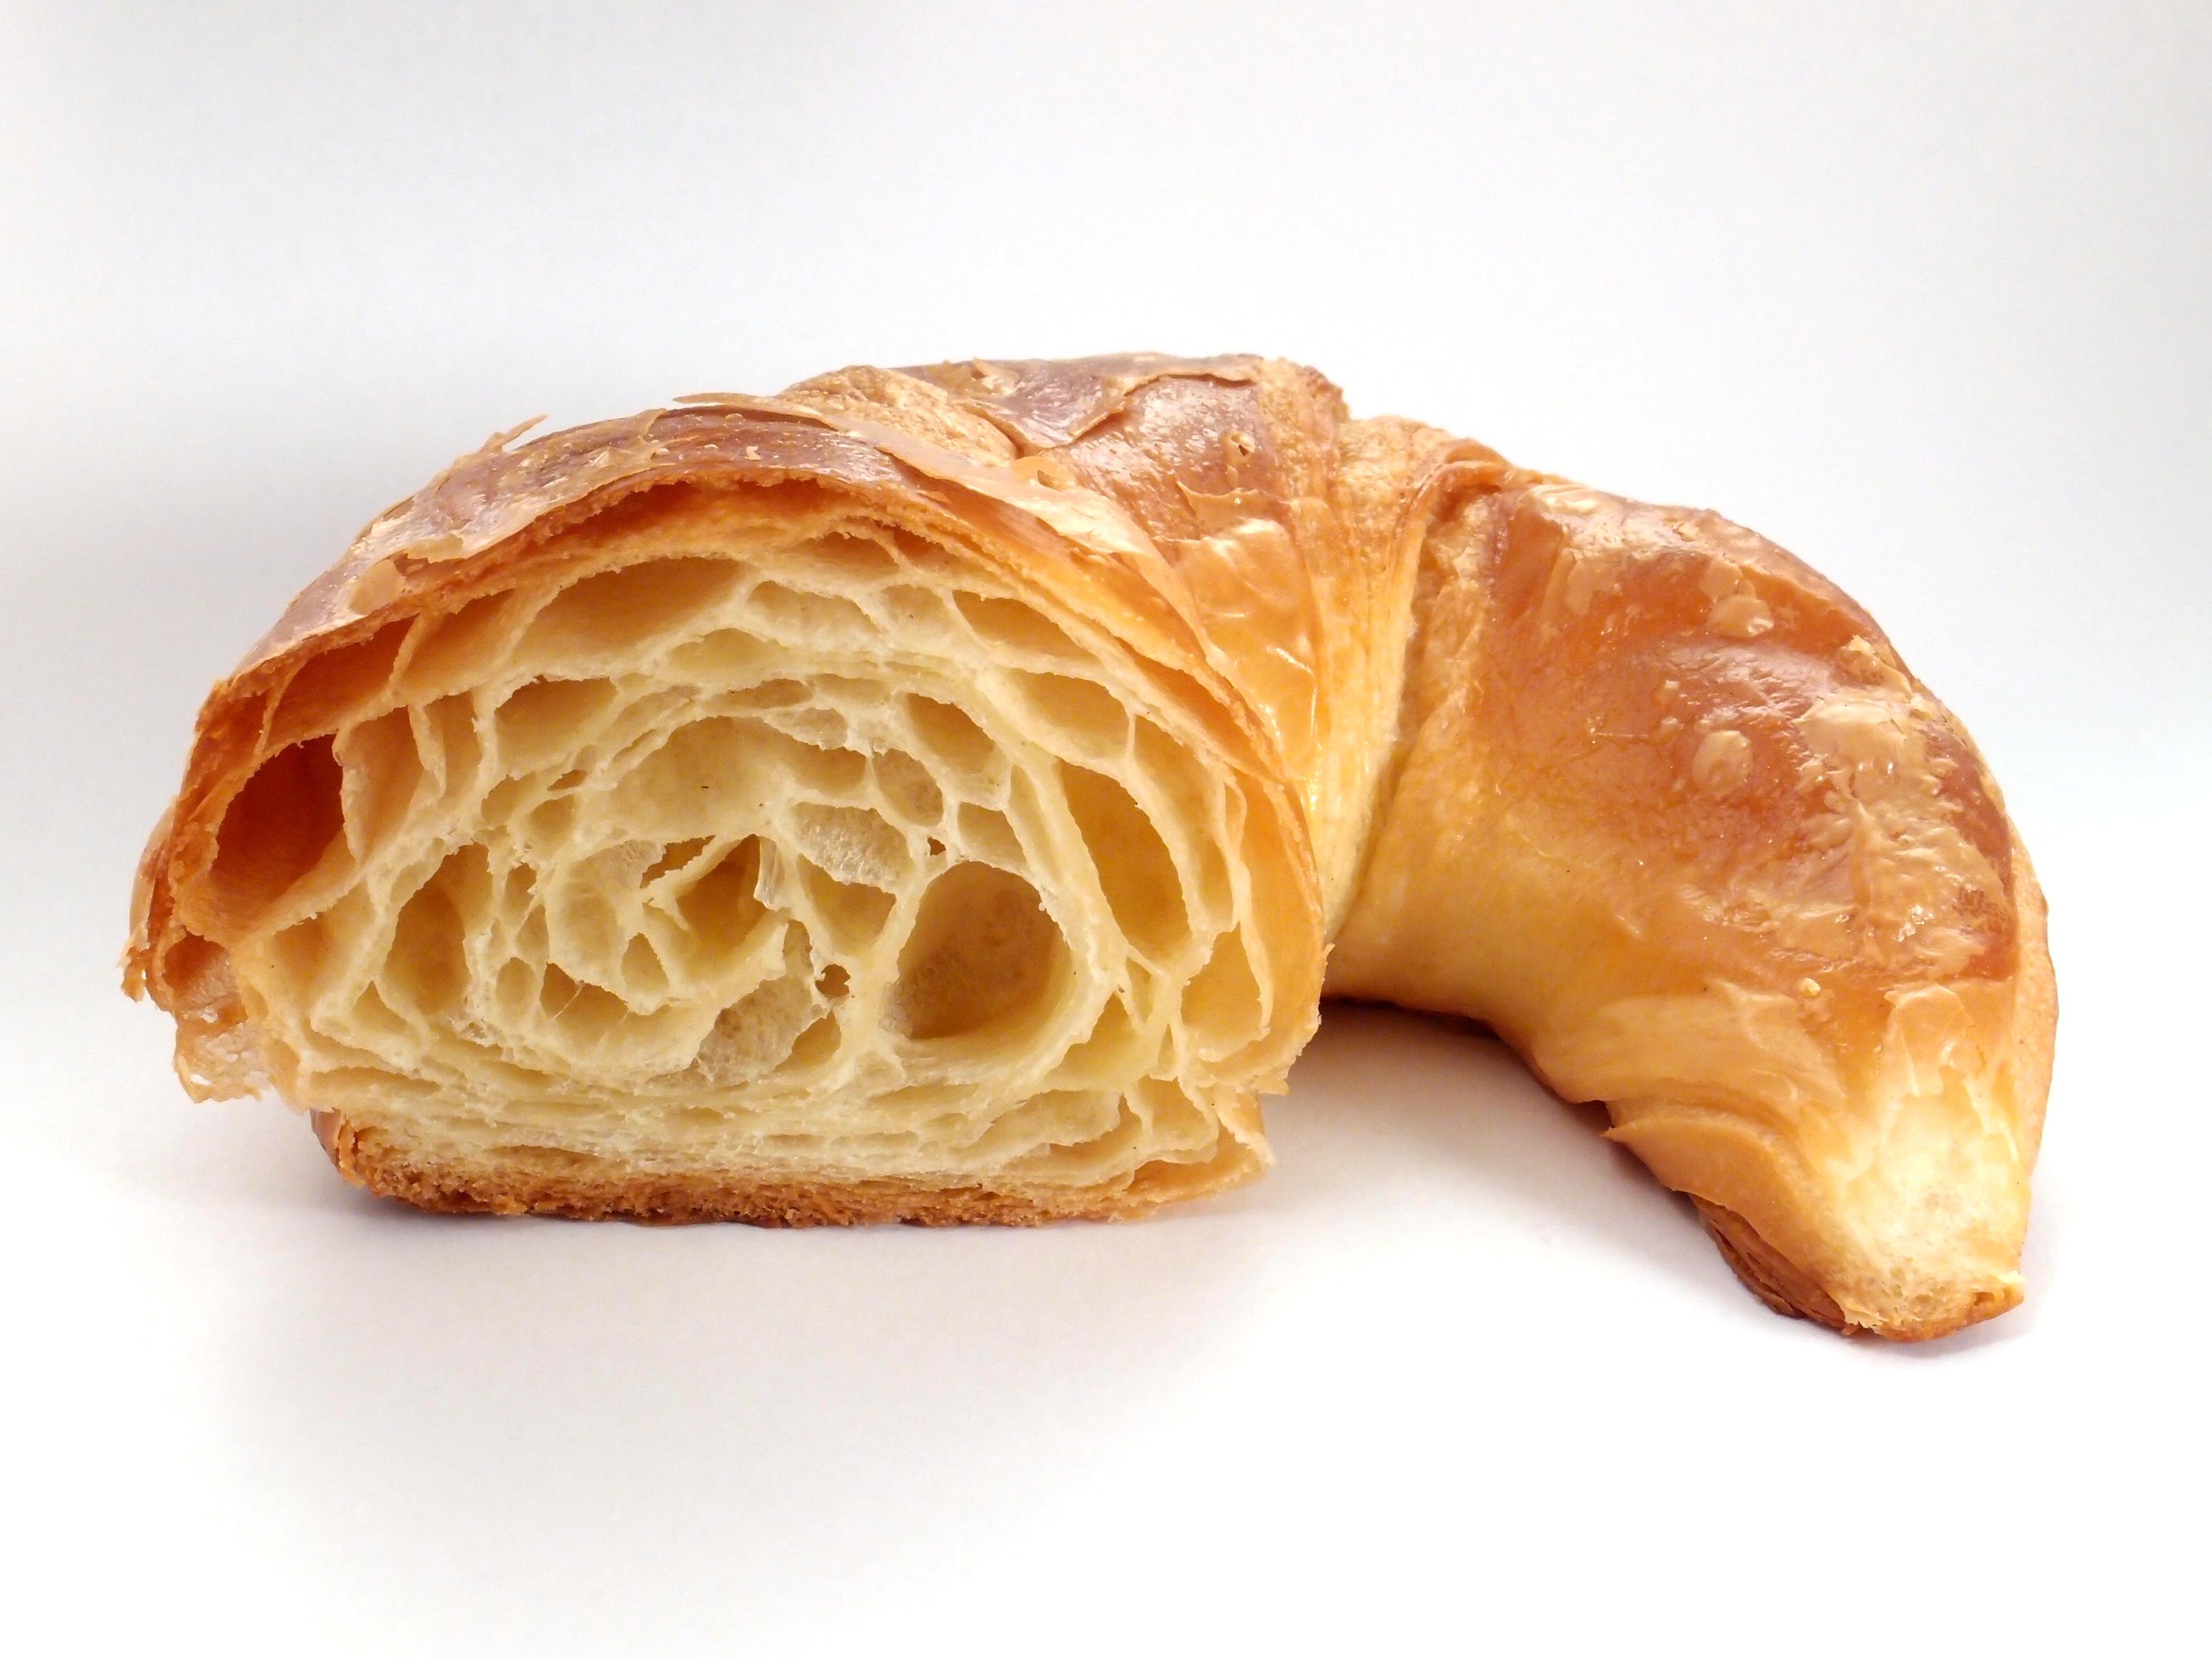 """Sammontana stoppa la vendita di croissant: """"potrebbero contenere un corpo estraneo"""""""